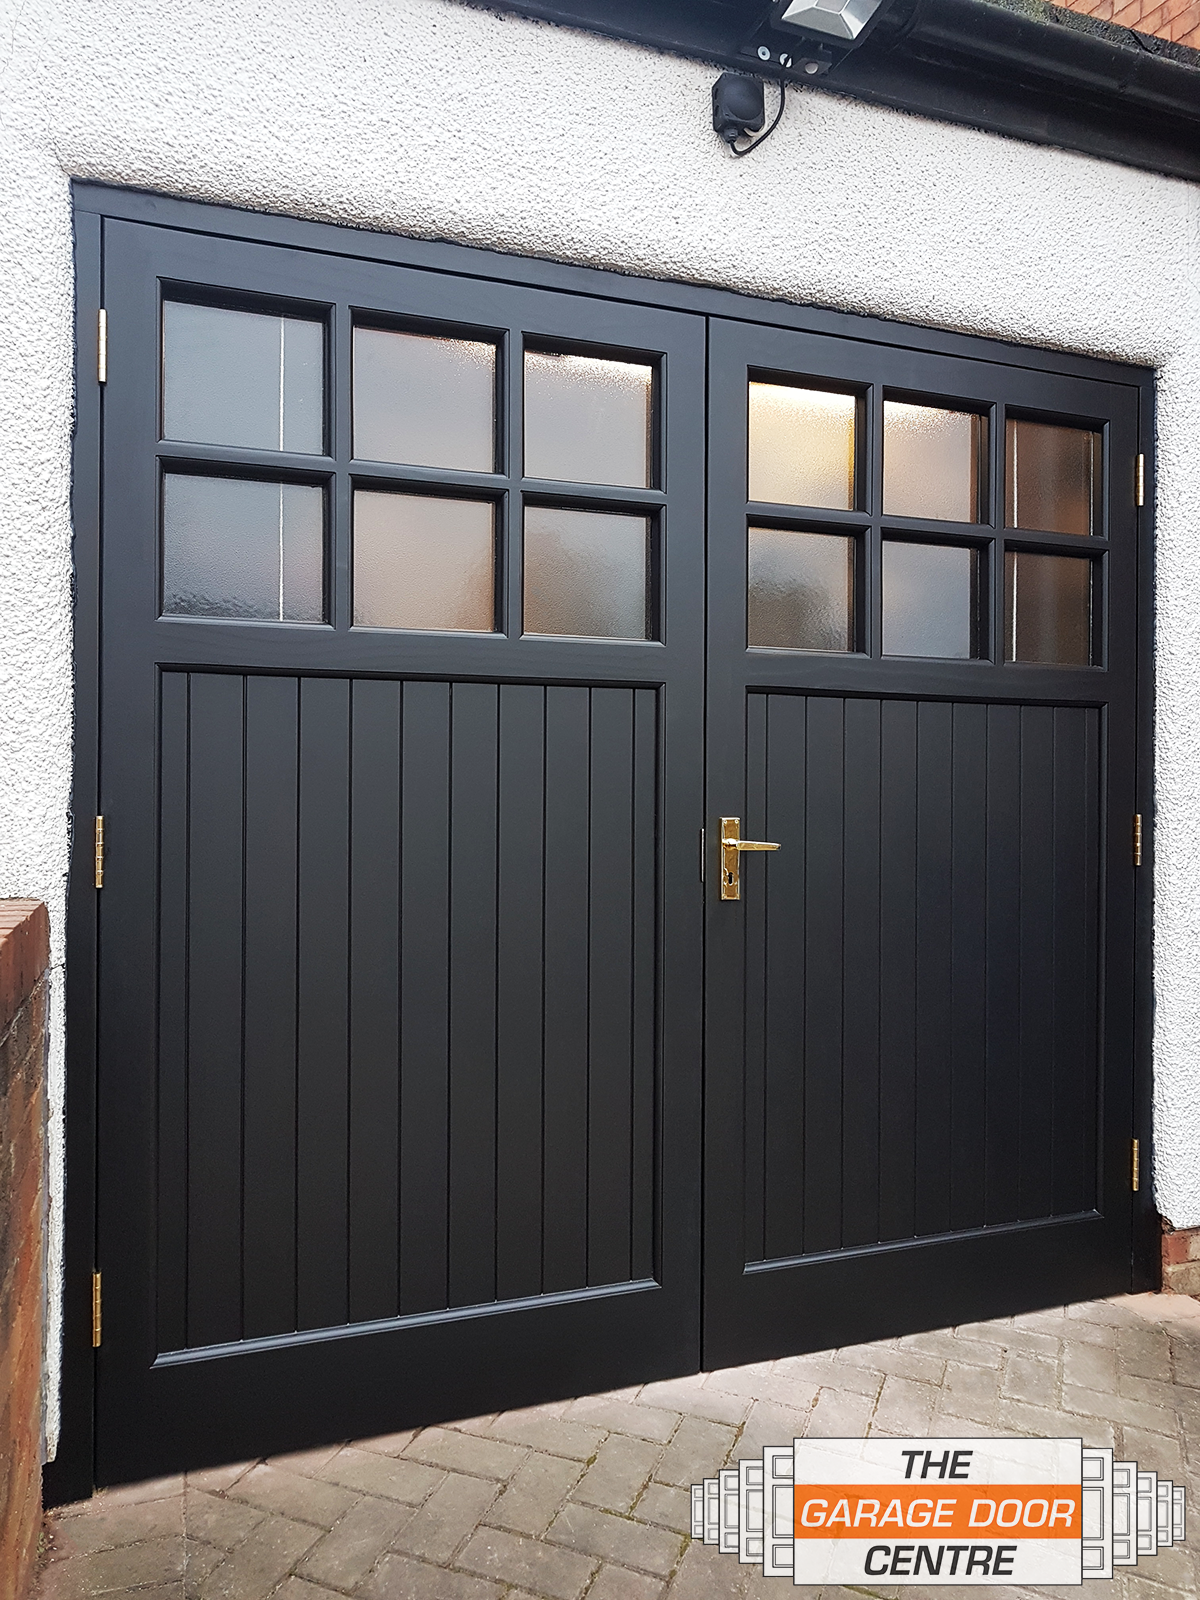 Woodrite Side Hinged Garage Door Garage Door Hinges Side Hinged Garage Doors Garage Doors